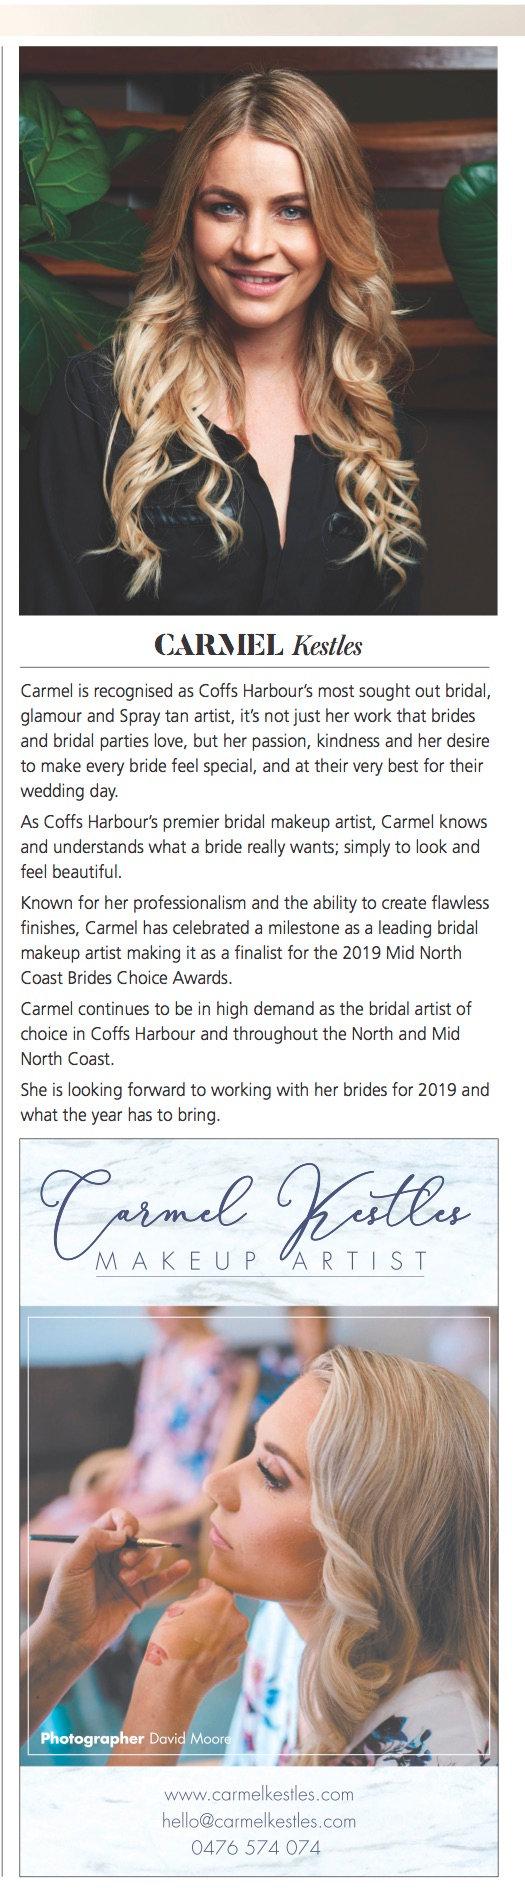 Carmel Kestles.jpg